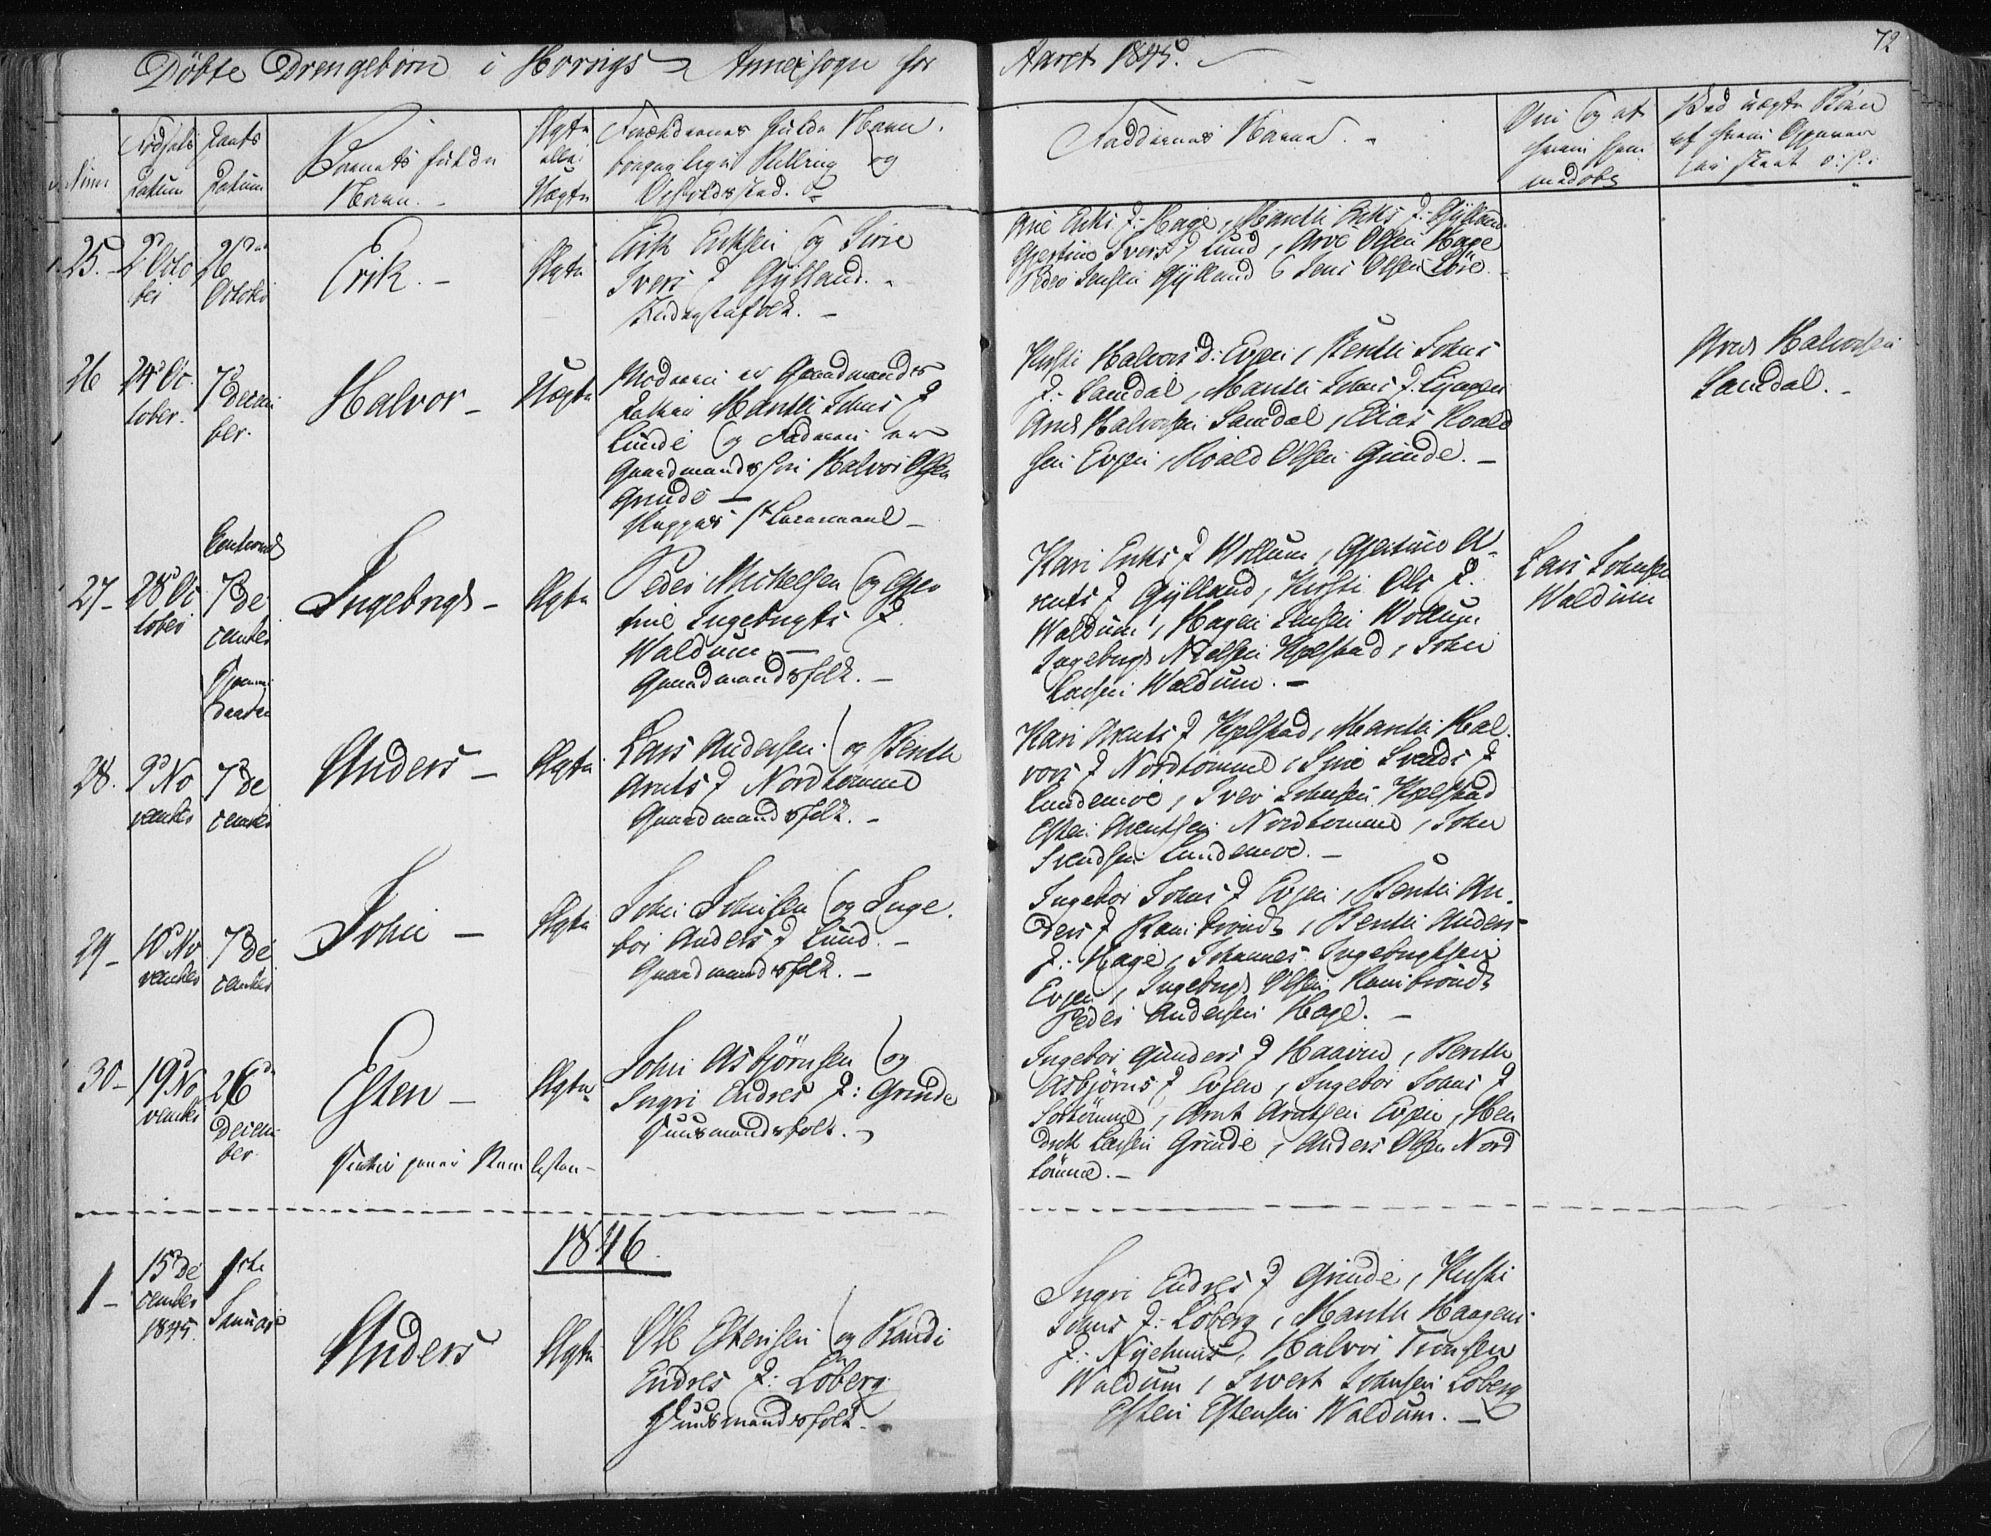 SAT, Ministerialprotokoller, klokkerbøker og fødselsregistre - Sør-Trøndelag, 687/L0998: Ministerialbok nr. 687A05 /2, 1843-1849, s. 72